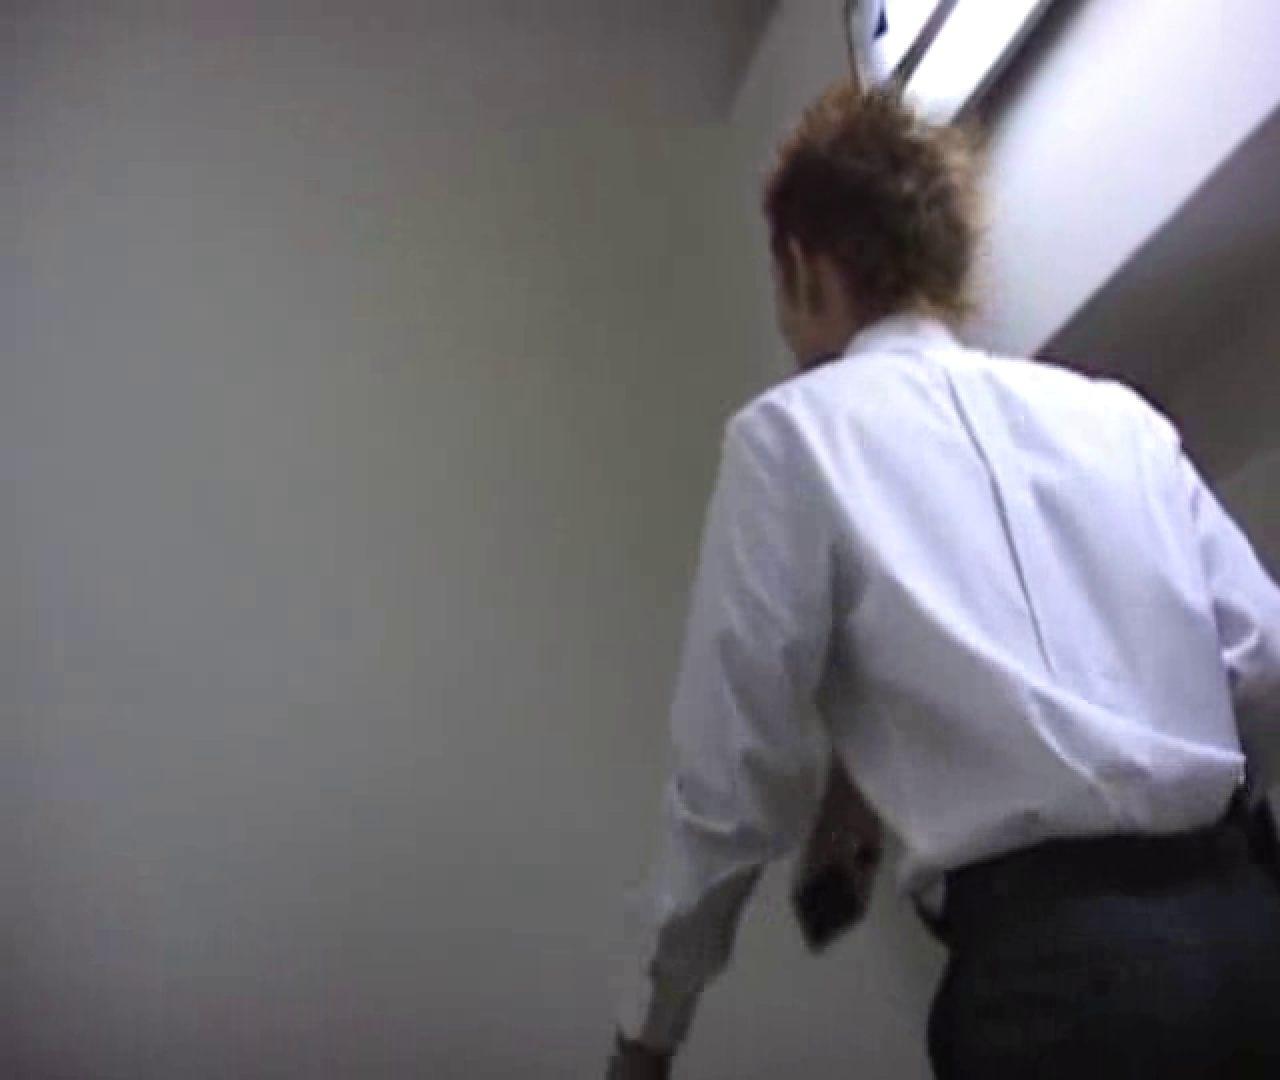 大集合!!カッコ可愛いメンズの一穴入根!!.VOL89 ゲイのオナニー映像 | 男祭り  103枚 33